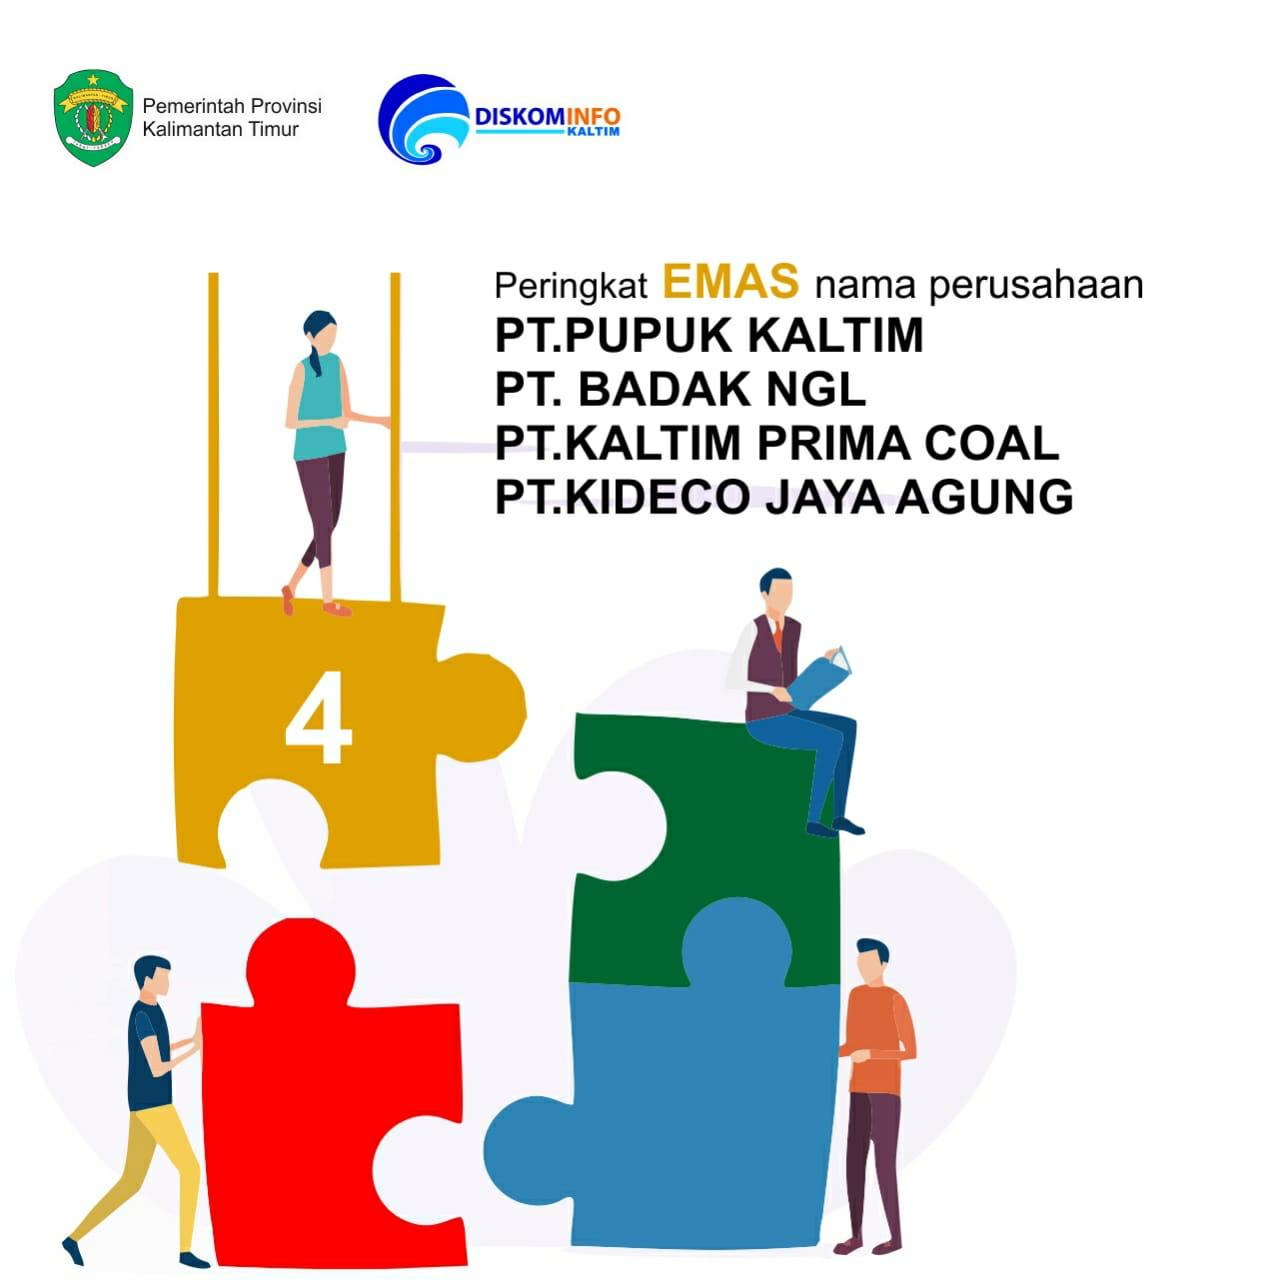 Program Penilaian Peringkat Kinerja Perusahaan dalam Pengelolaan Lingkungan Hidup (PROPER) tahun 2019/2020